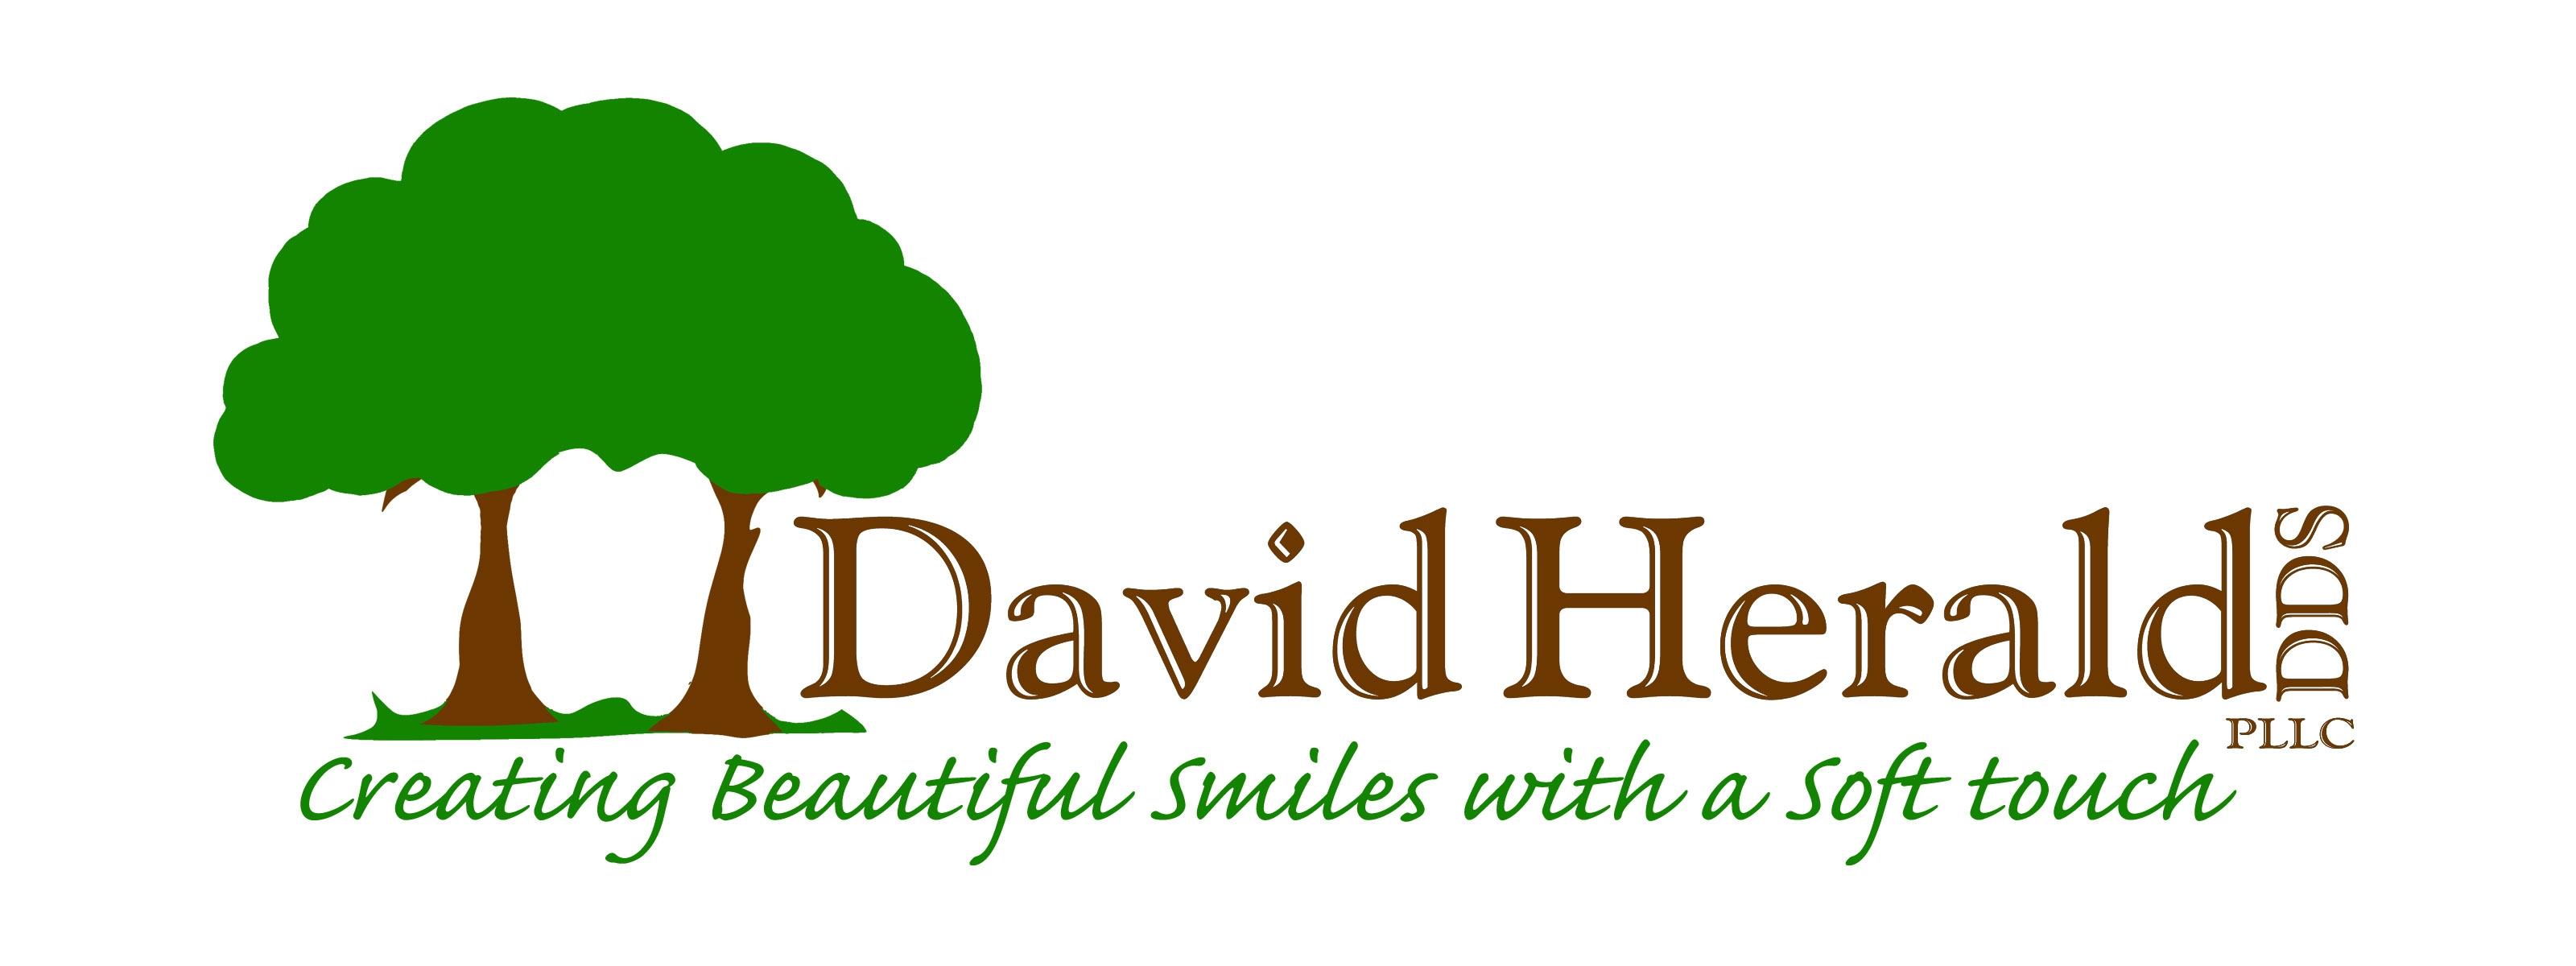 David Herald, DDS